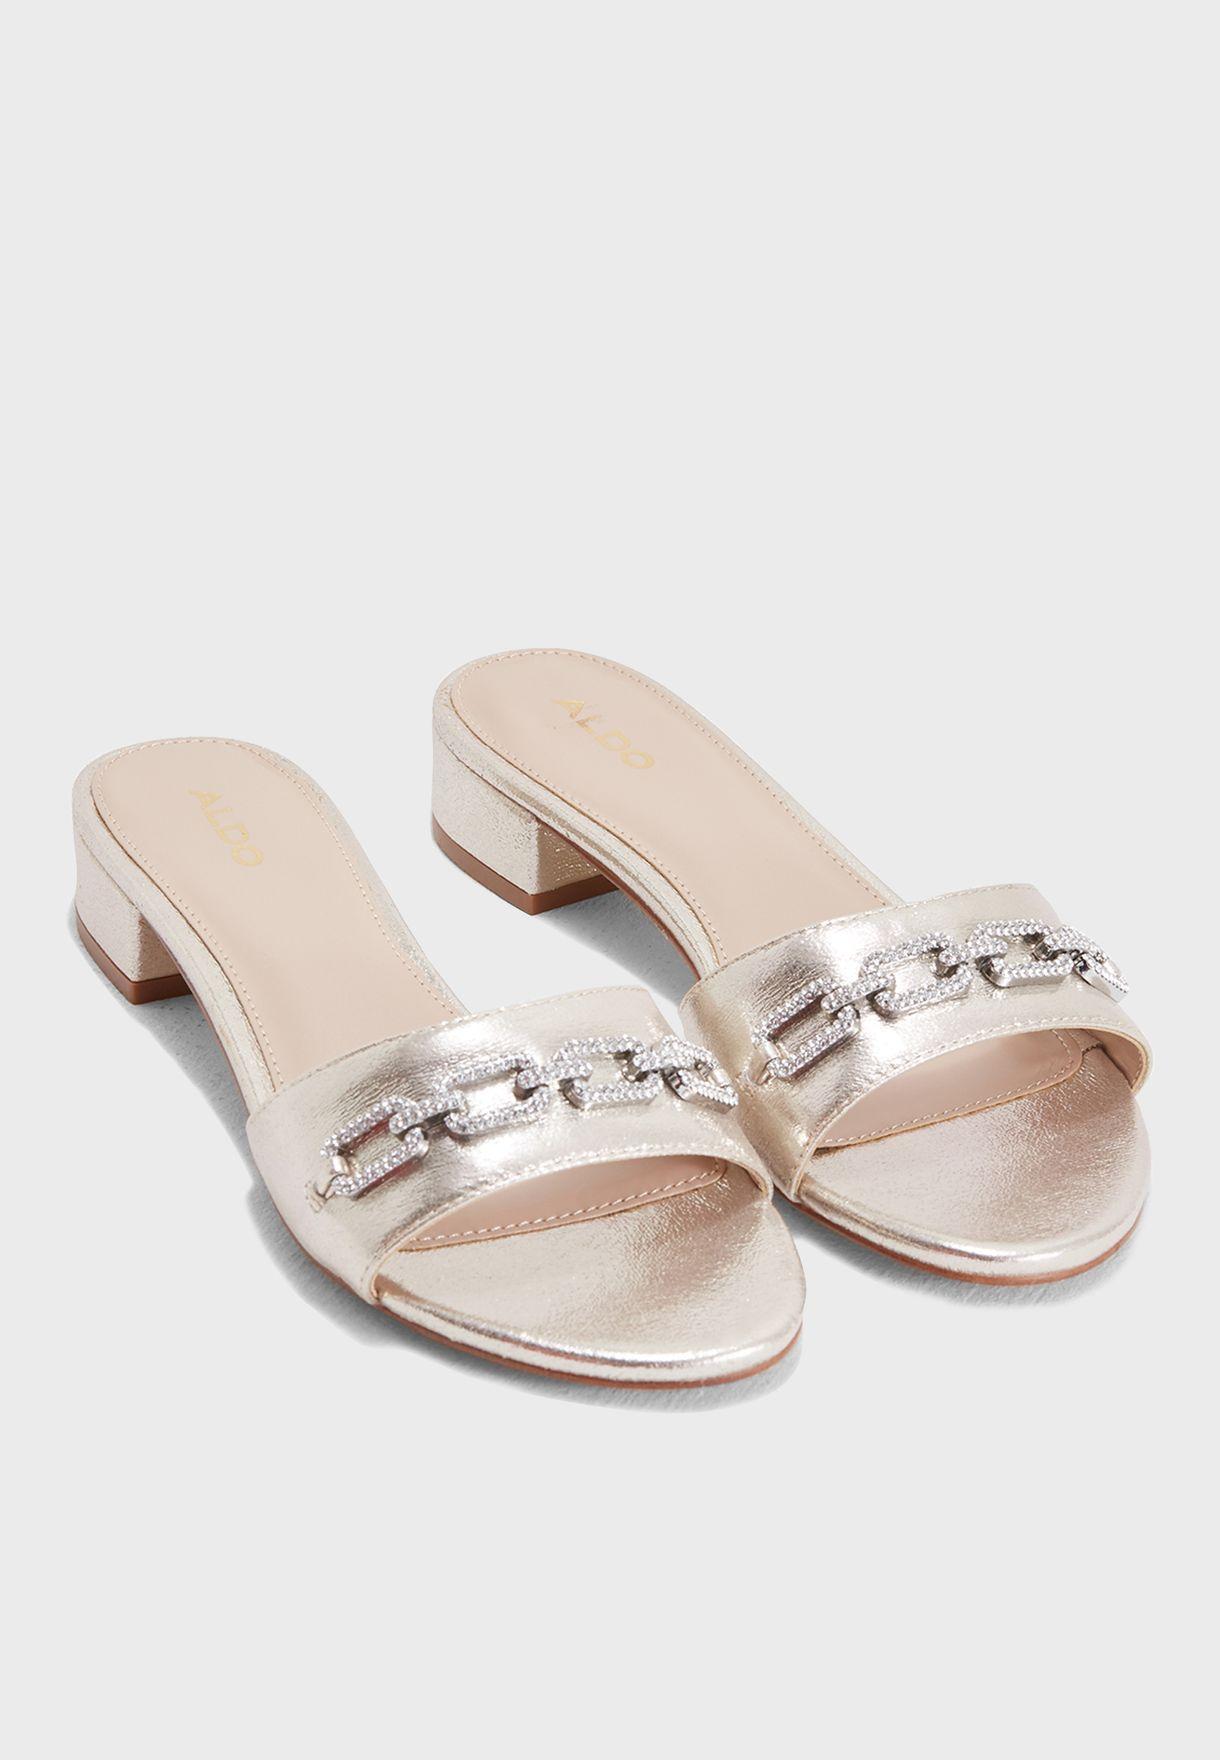 216b1fed087 Shop Aldo gold Galiaclya Sandal GALIACLYA82 for Women in UAE ...